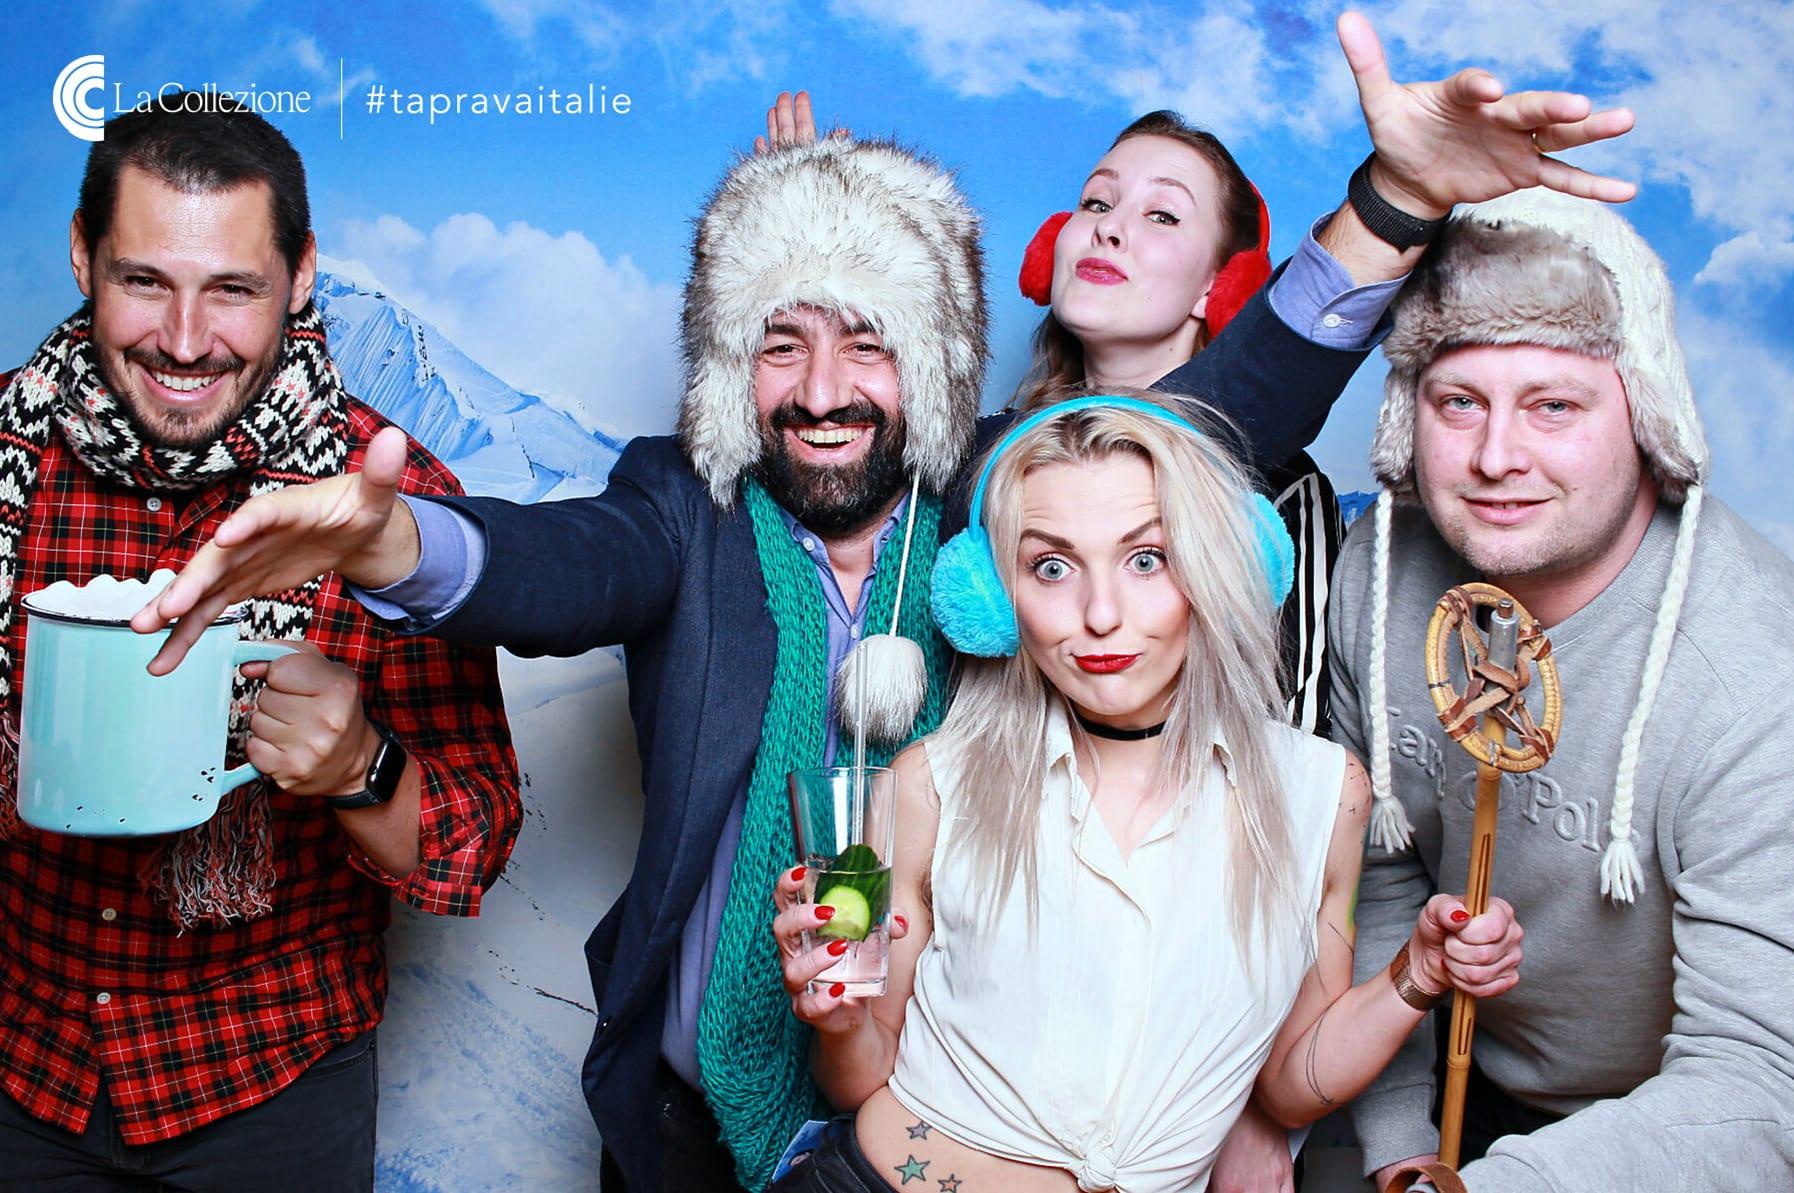 fotokoutek-la-collezione-tapravaitalie-3-2-2019-576511